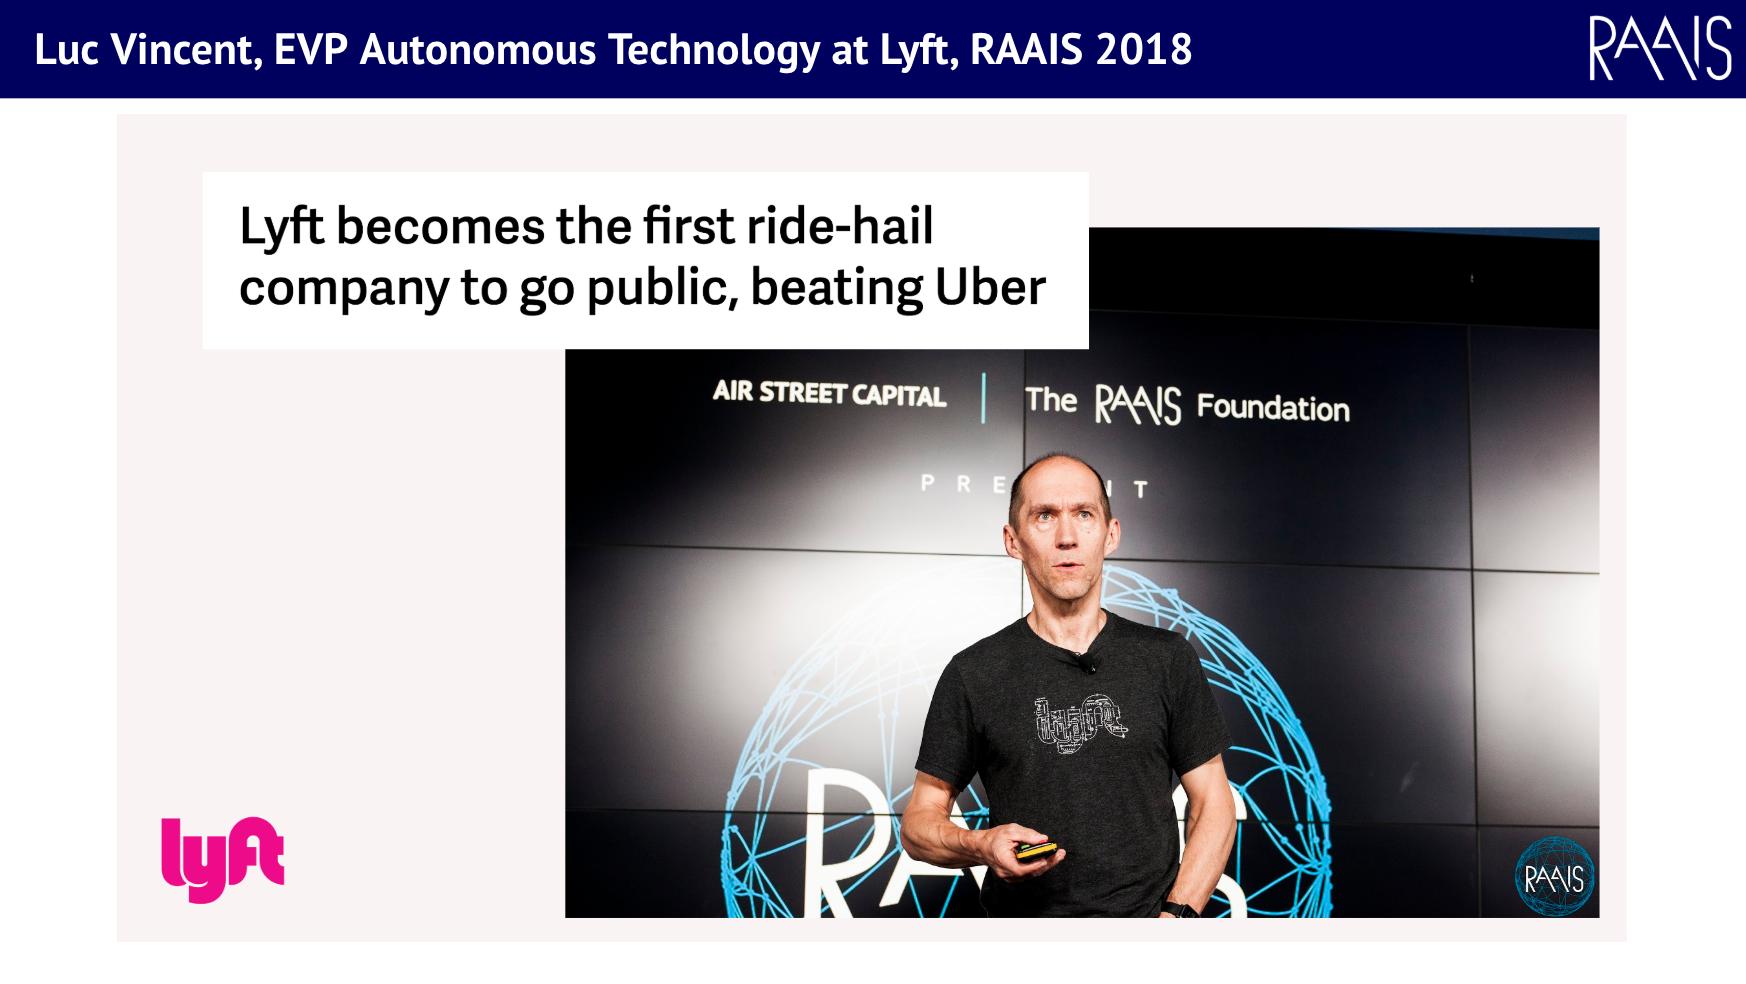 Luc Vincent, Lyft, RAAIS 2018